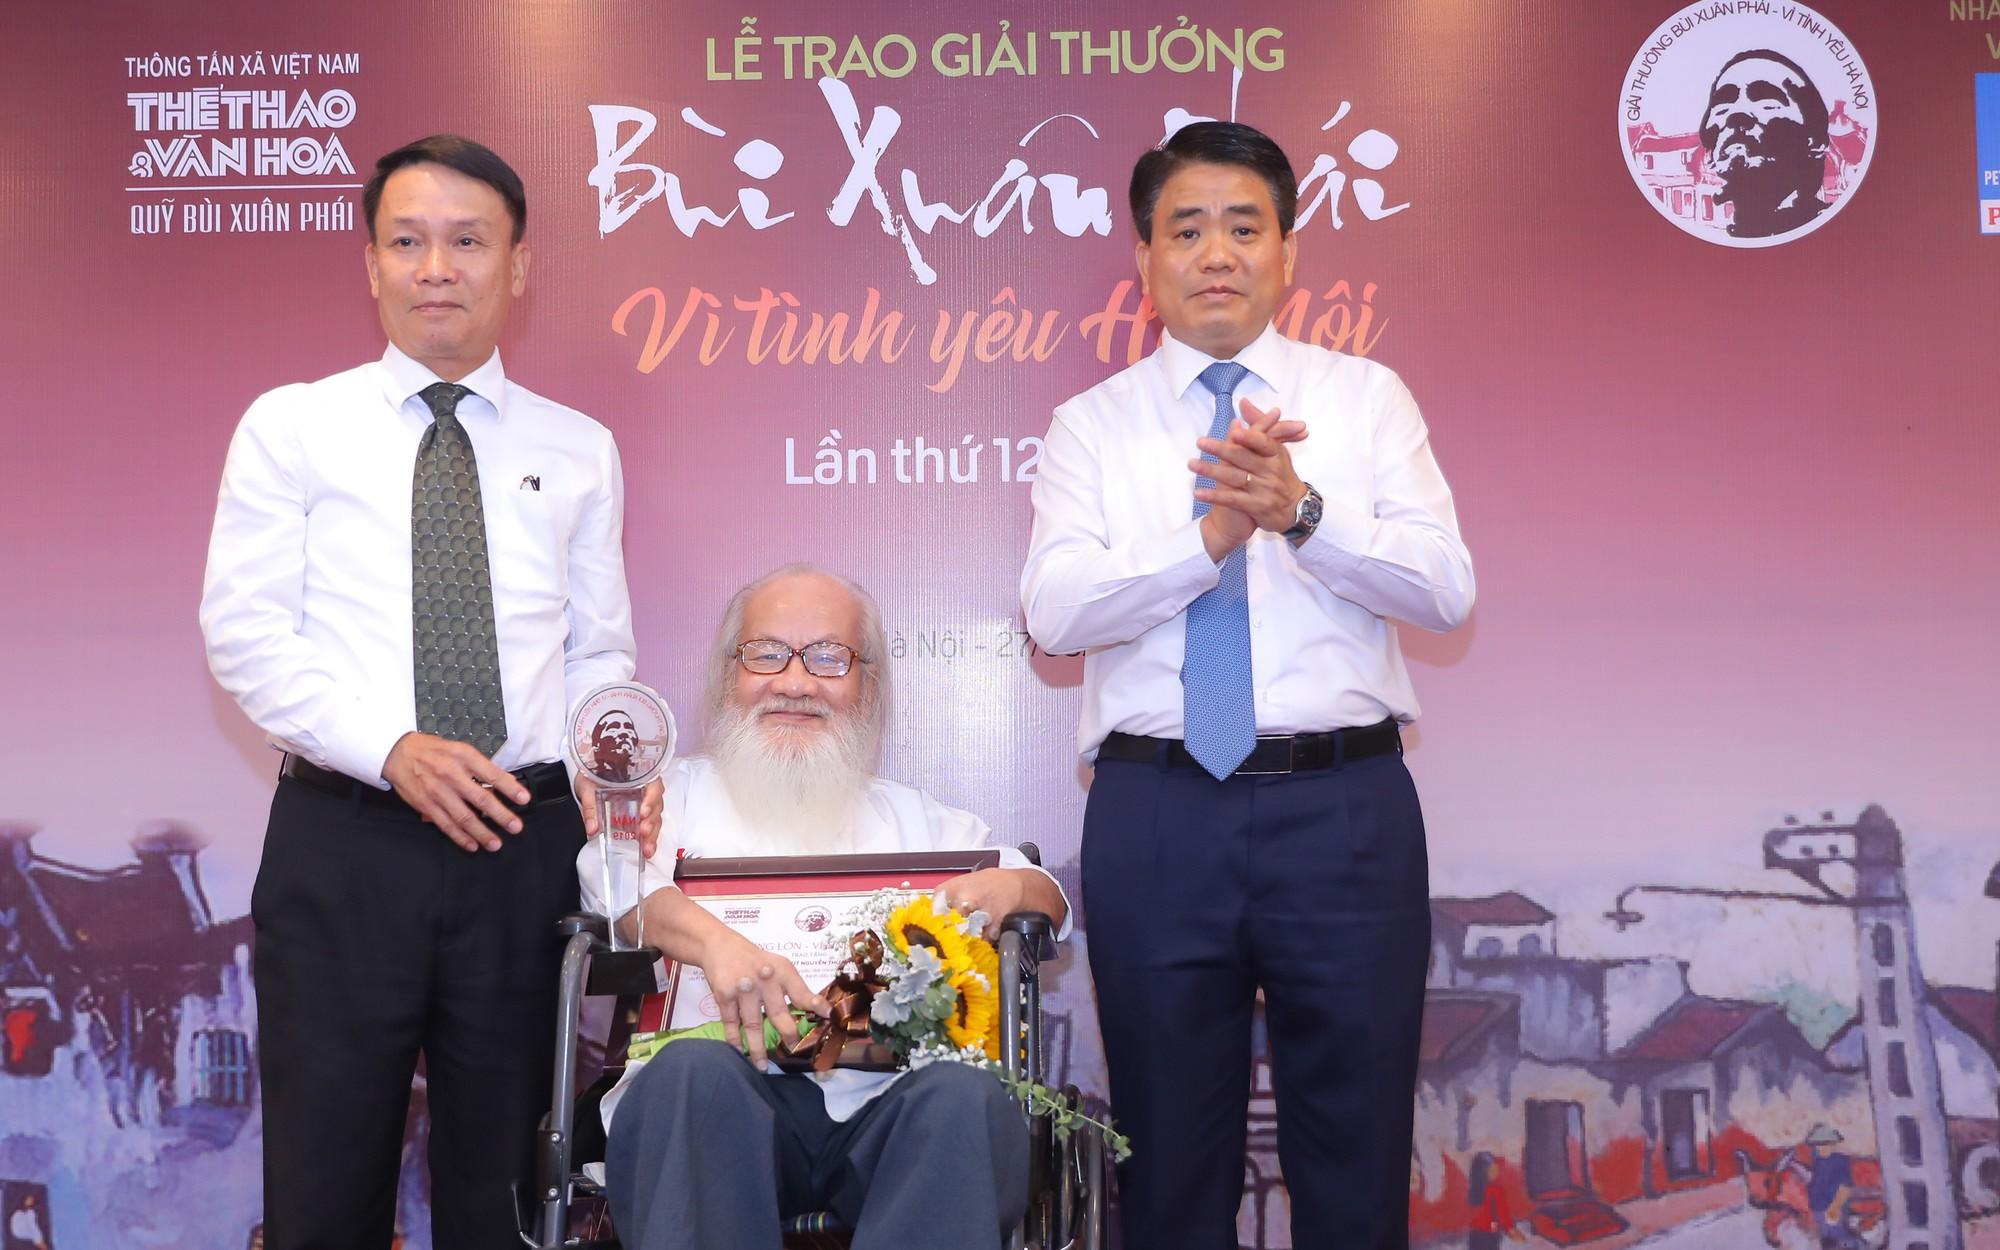 UBND TP Hà Nội nhận hai giải thưởng của Giải Bùi Xuân Phái- Vì tình yêu Hà Nội 2019